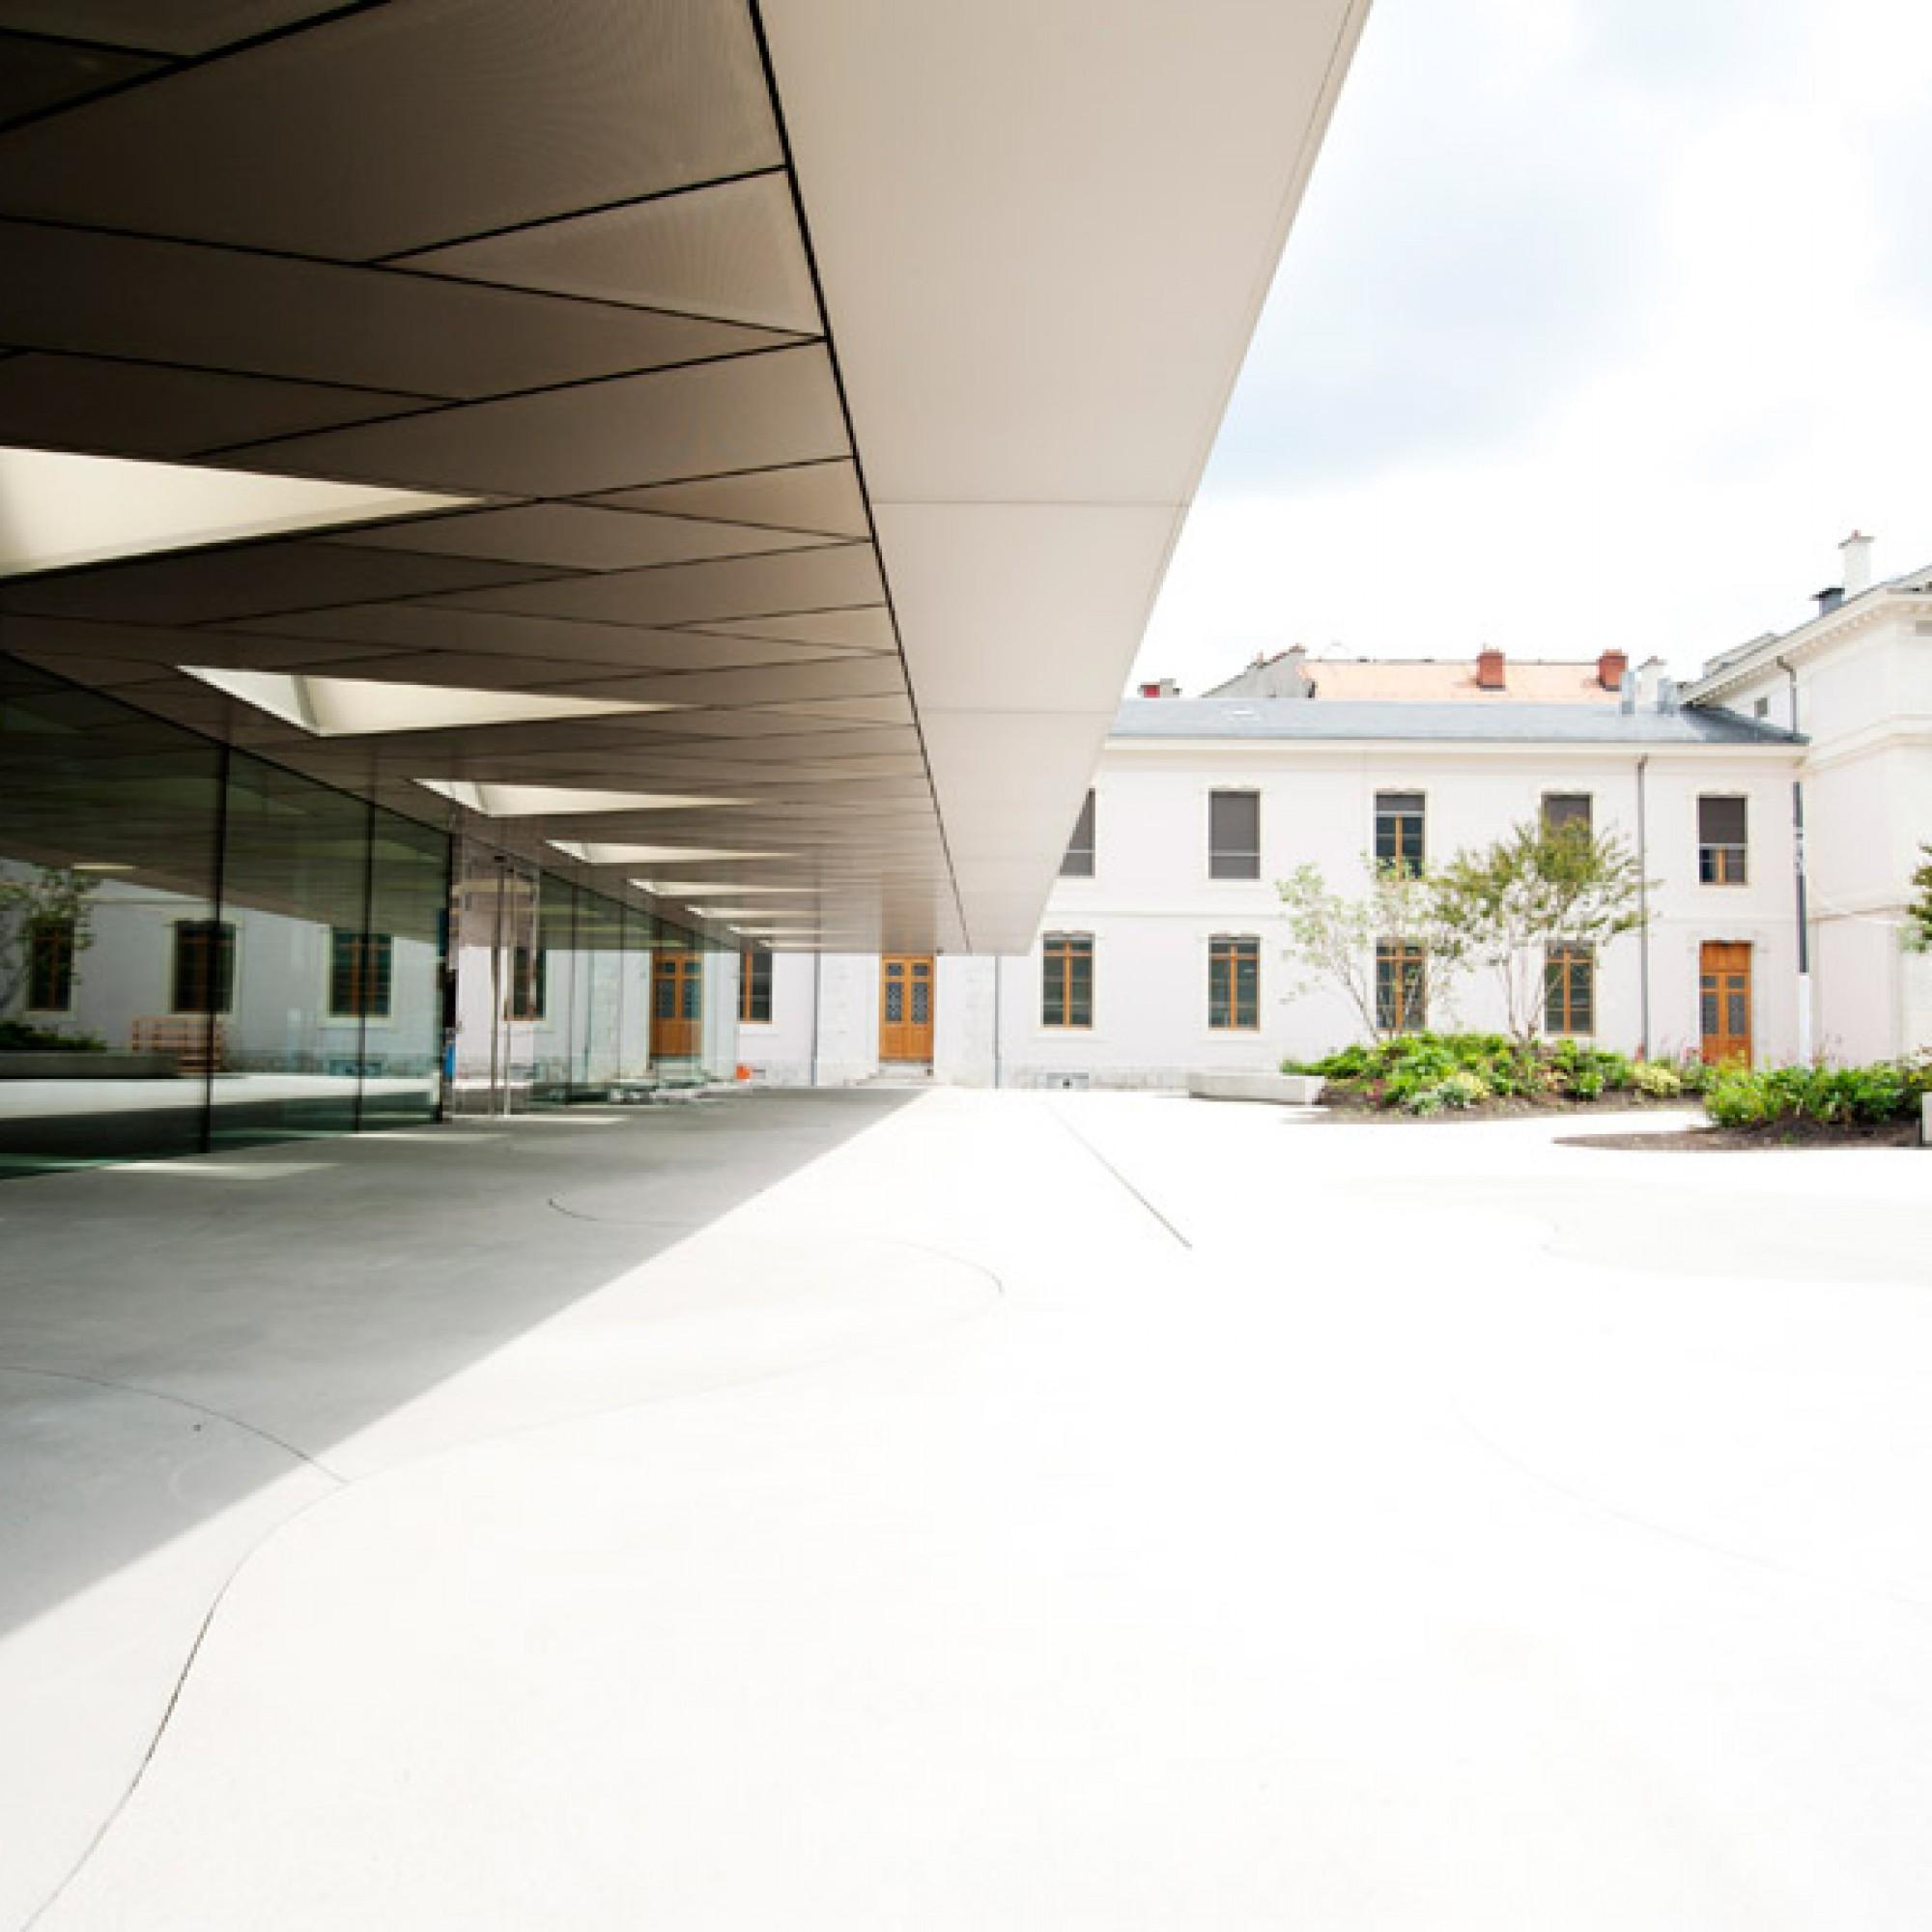 Der Neubau kontrastiert mit den umliegenden Bauten.